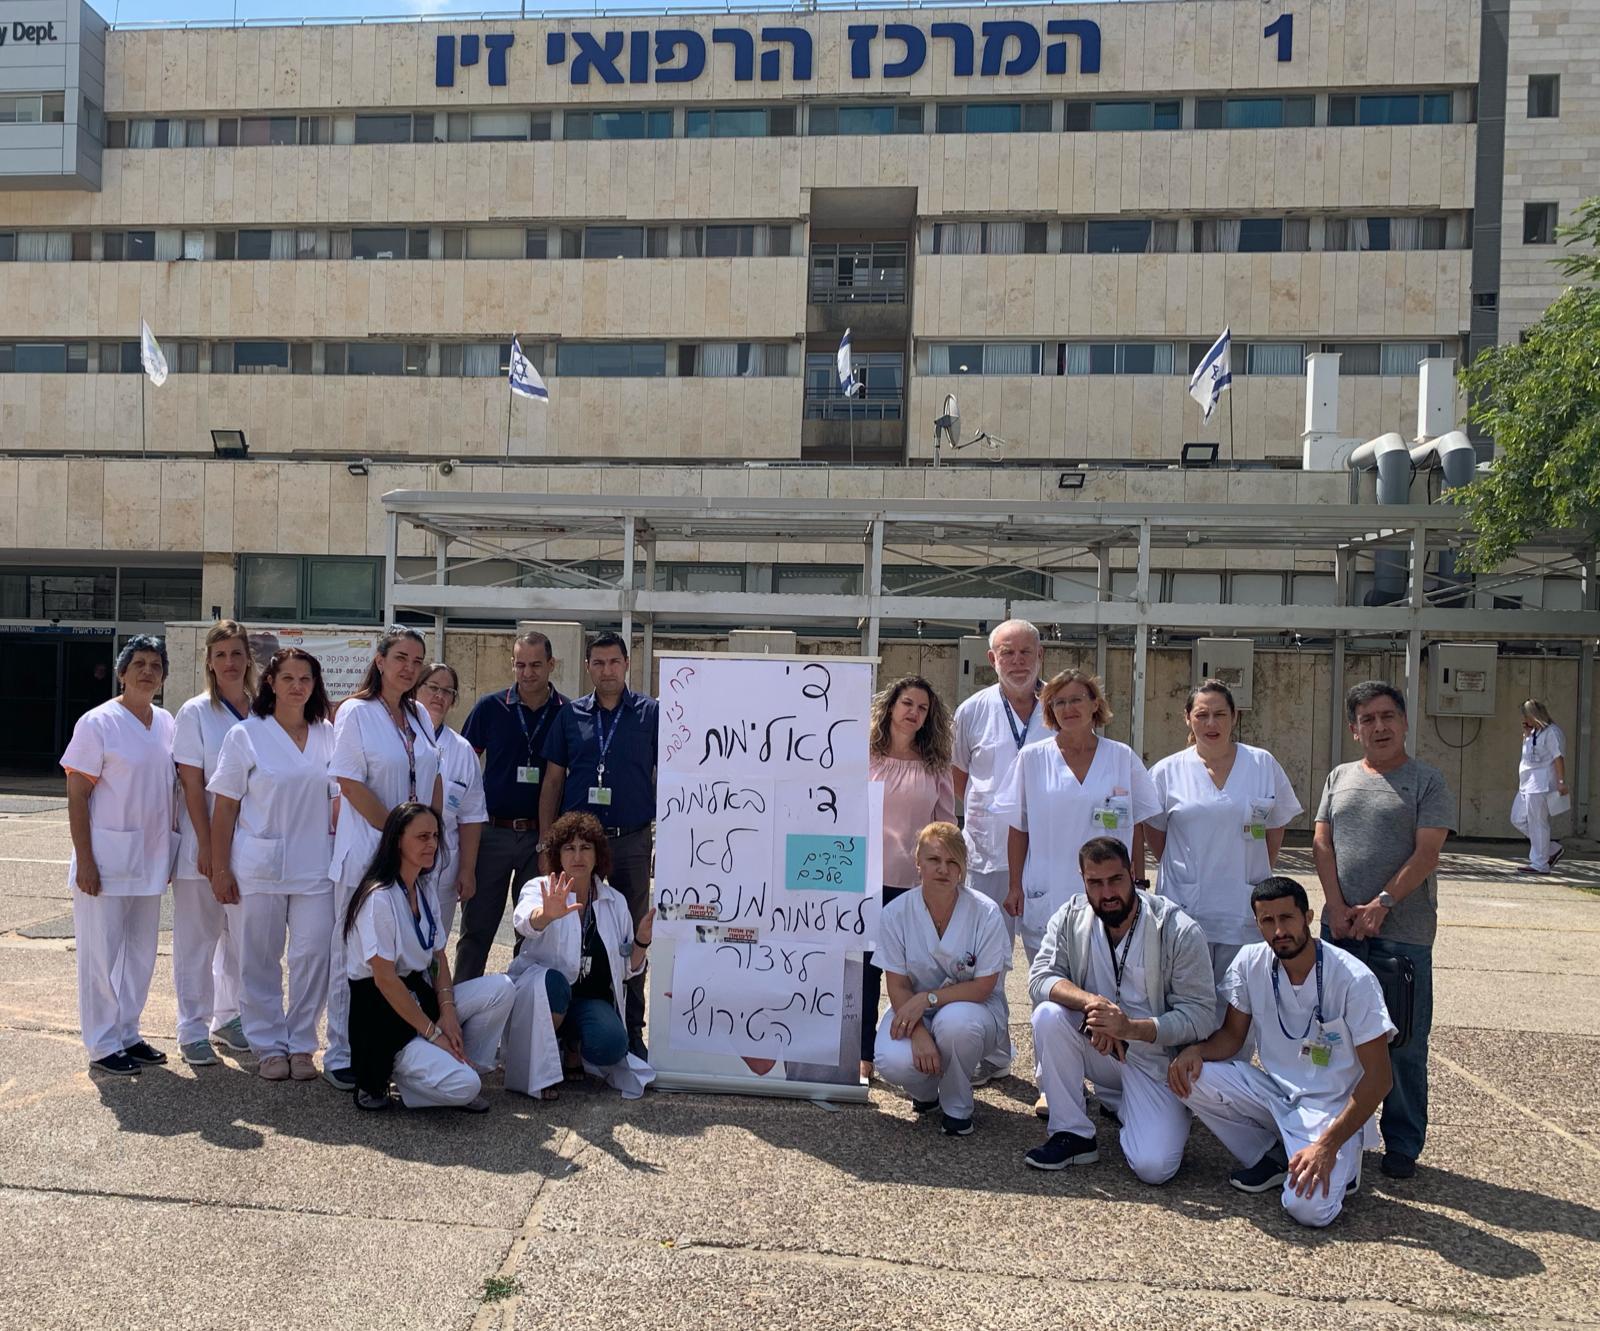 שוב אלימות במרכז הרפואי זיו בצפת – שביתת מחאה של הצוות